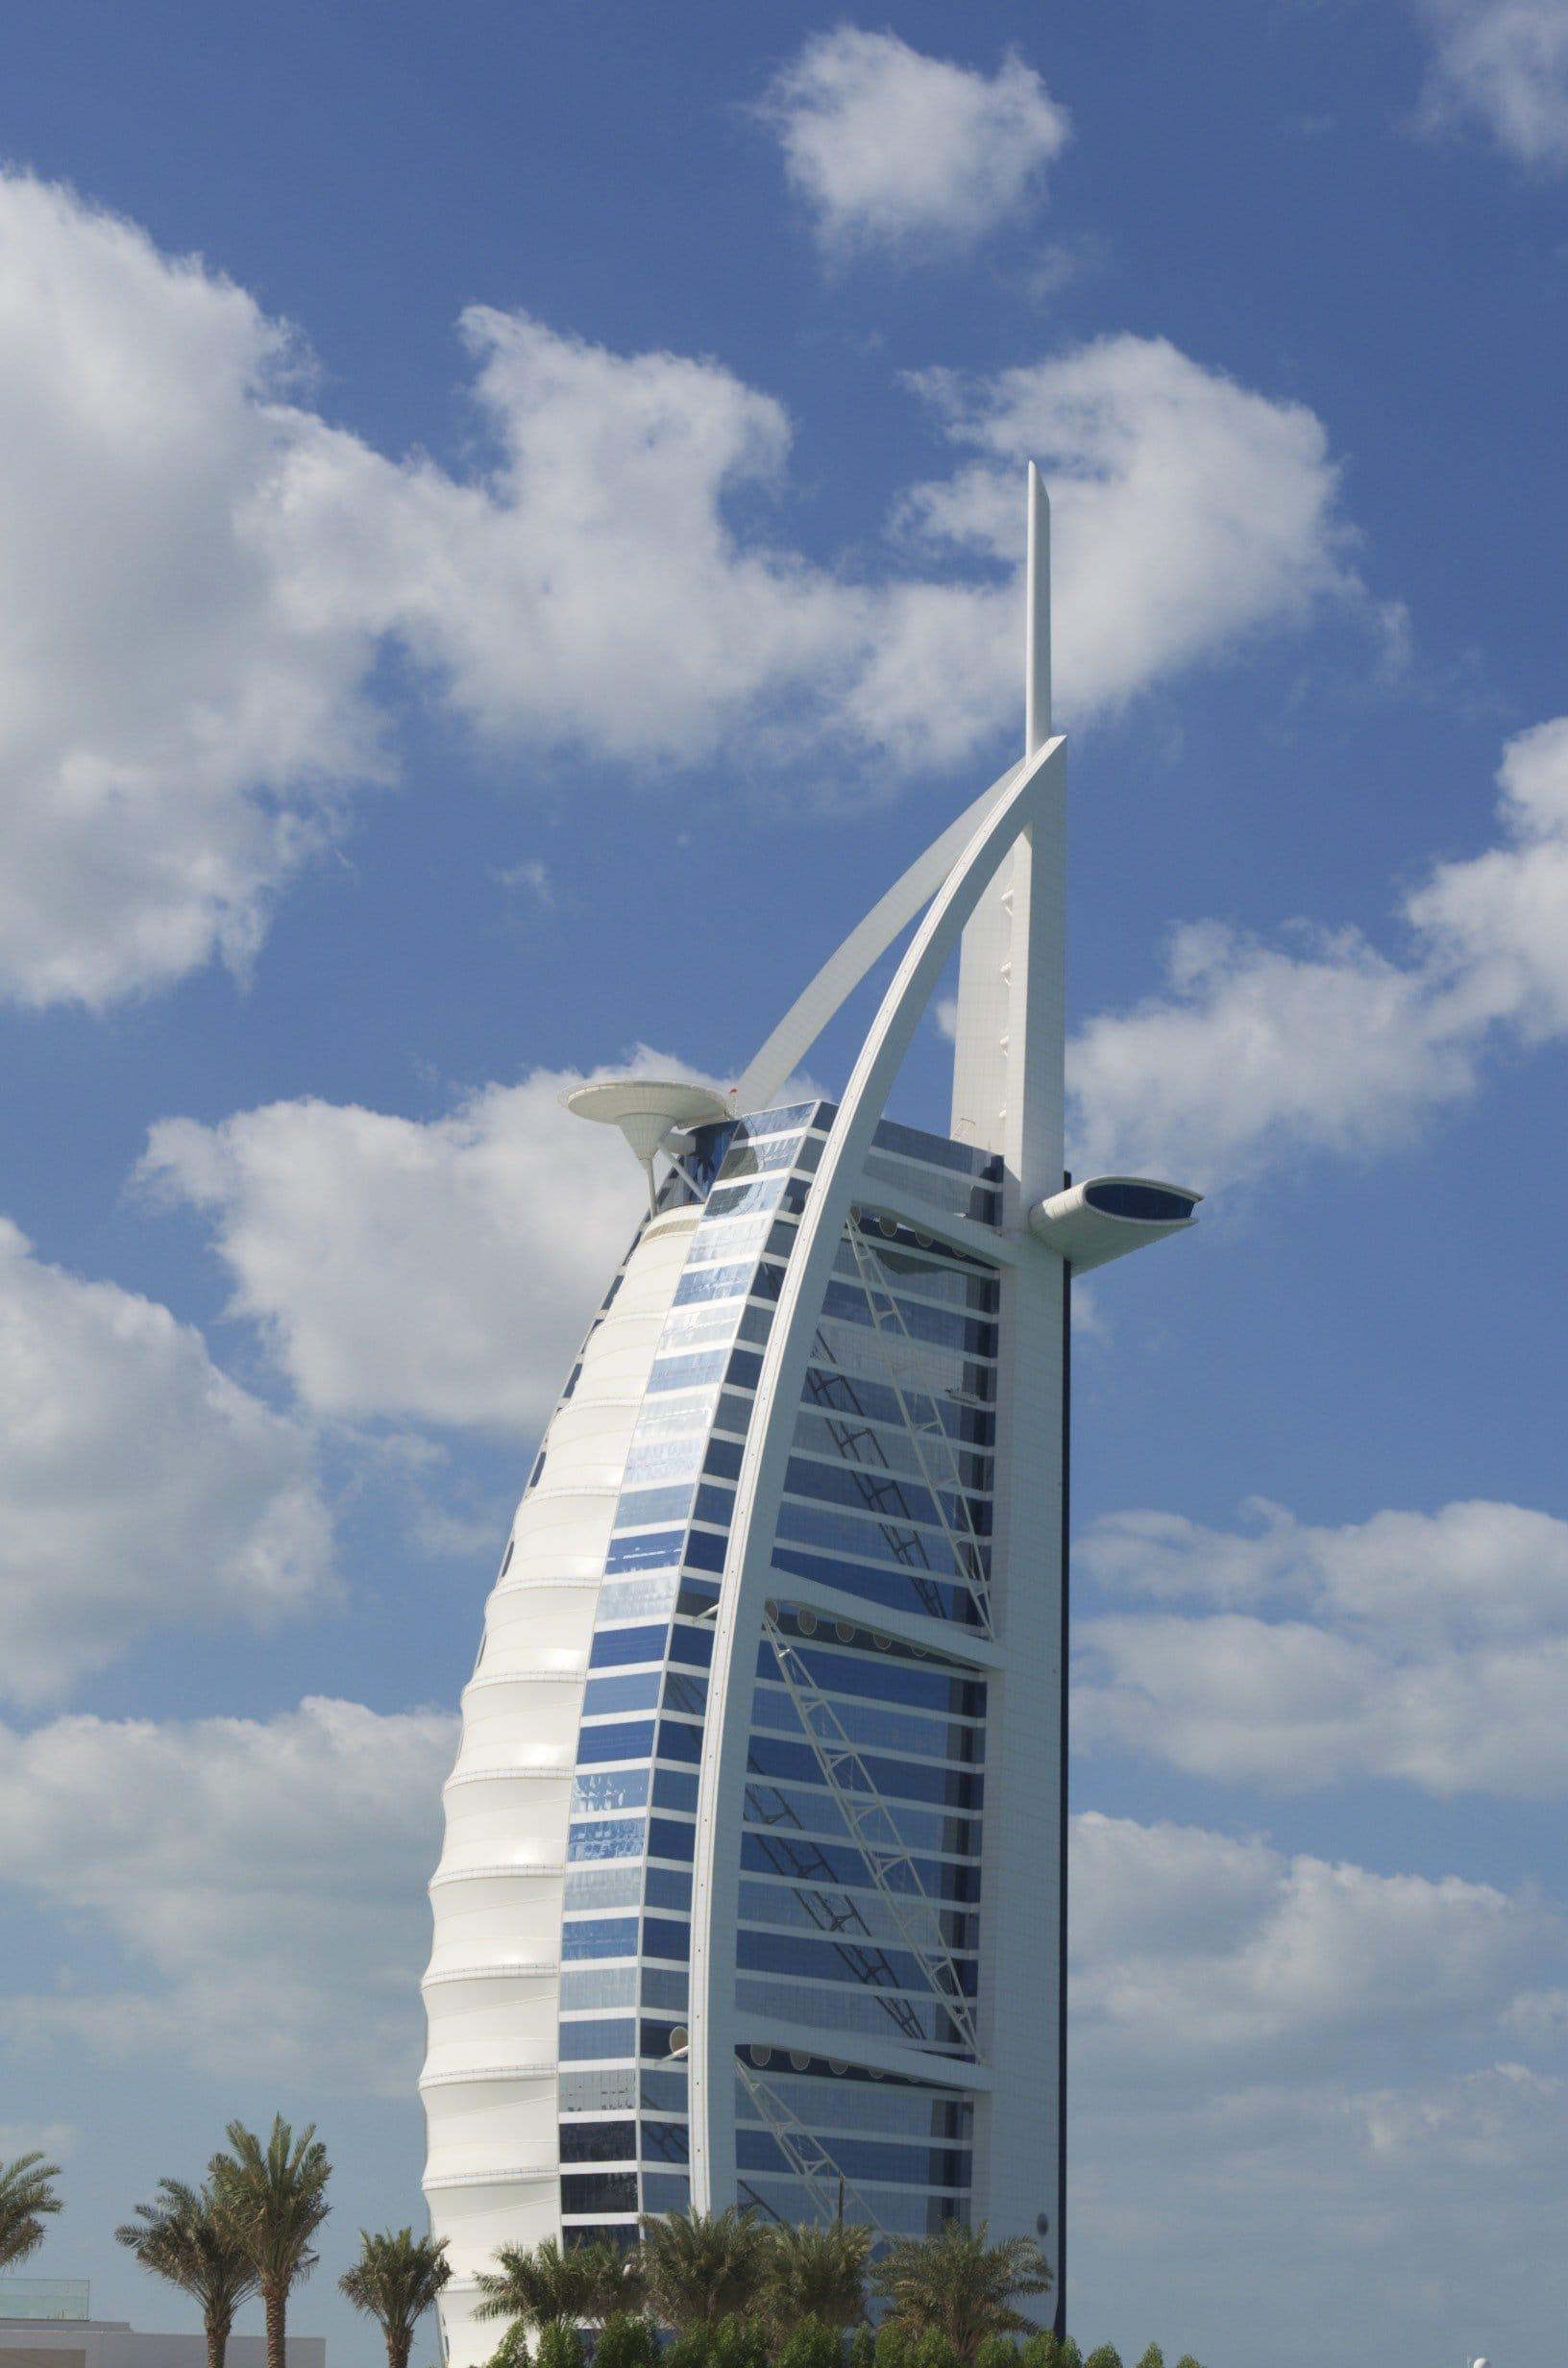 Hotel in Form eines Segels - der Burj al Arab in Dubai